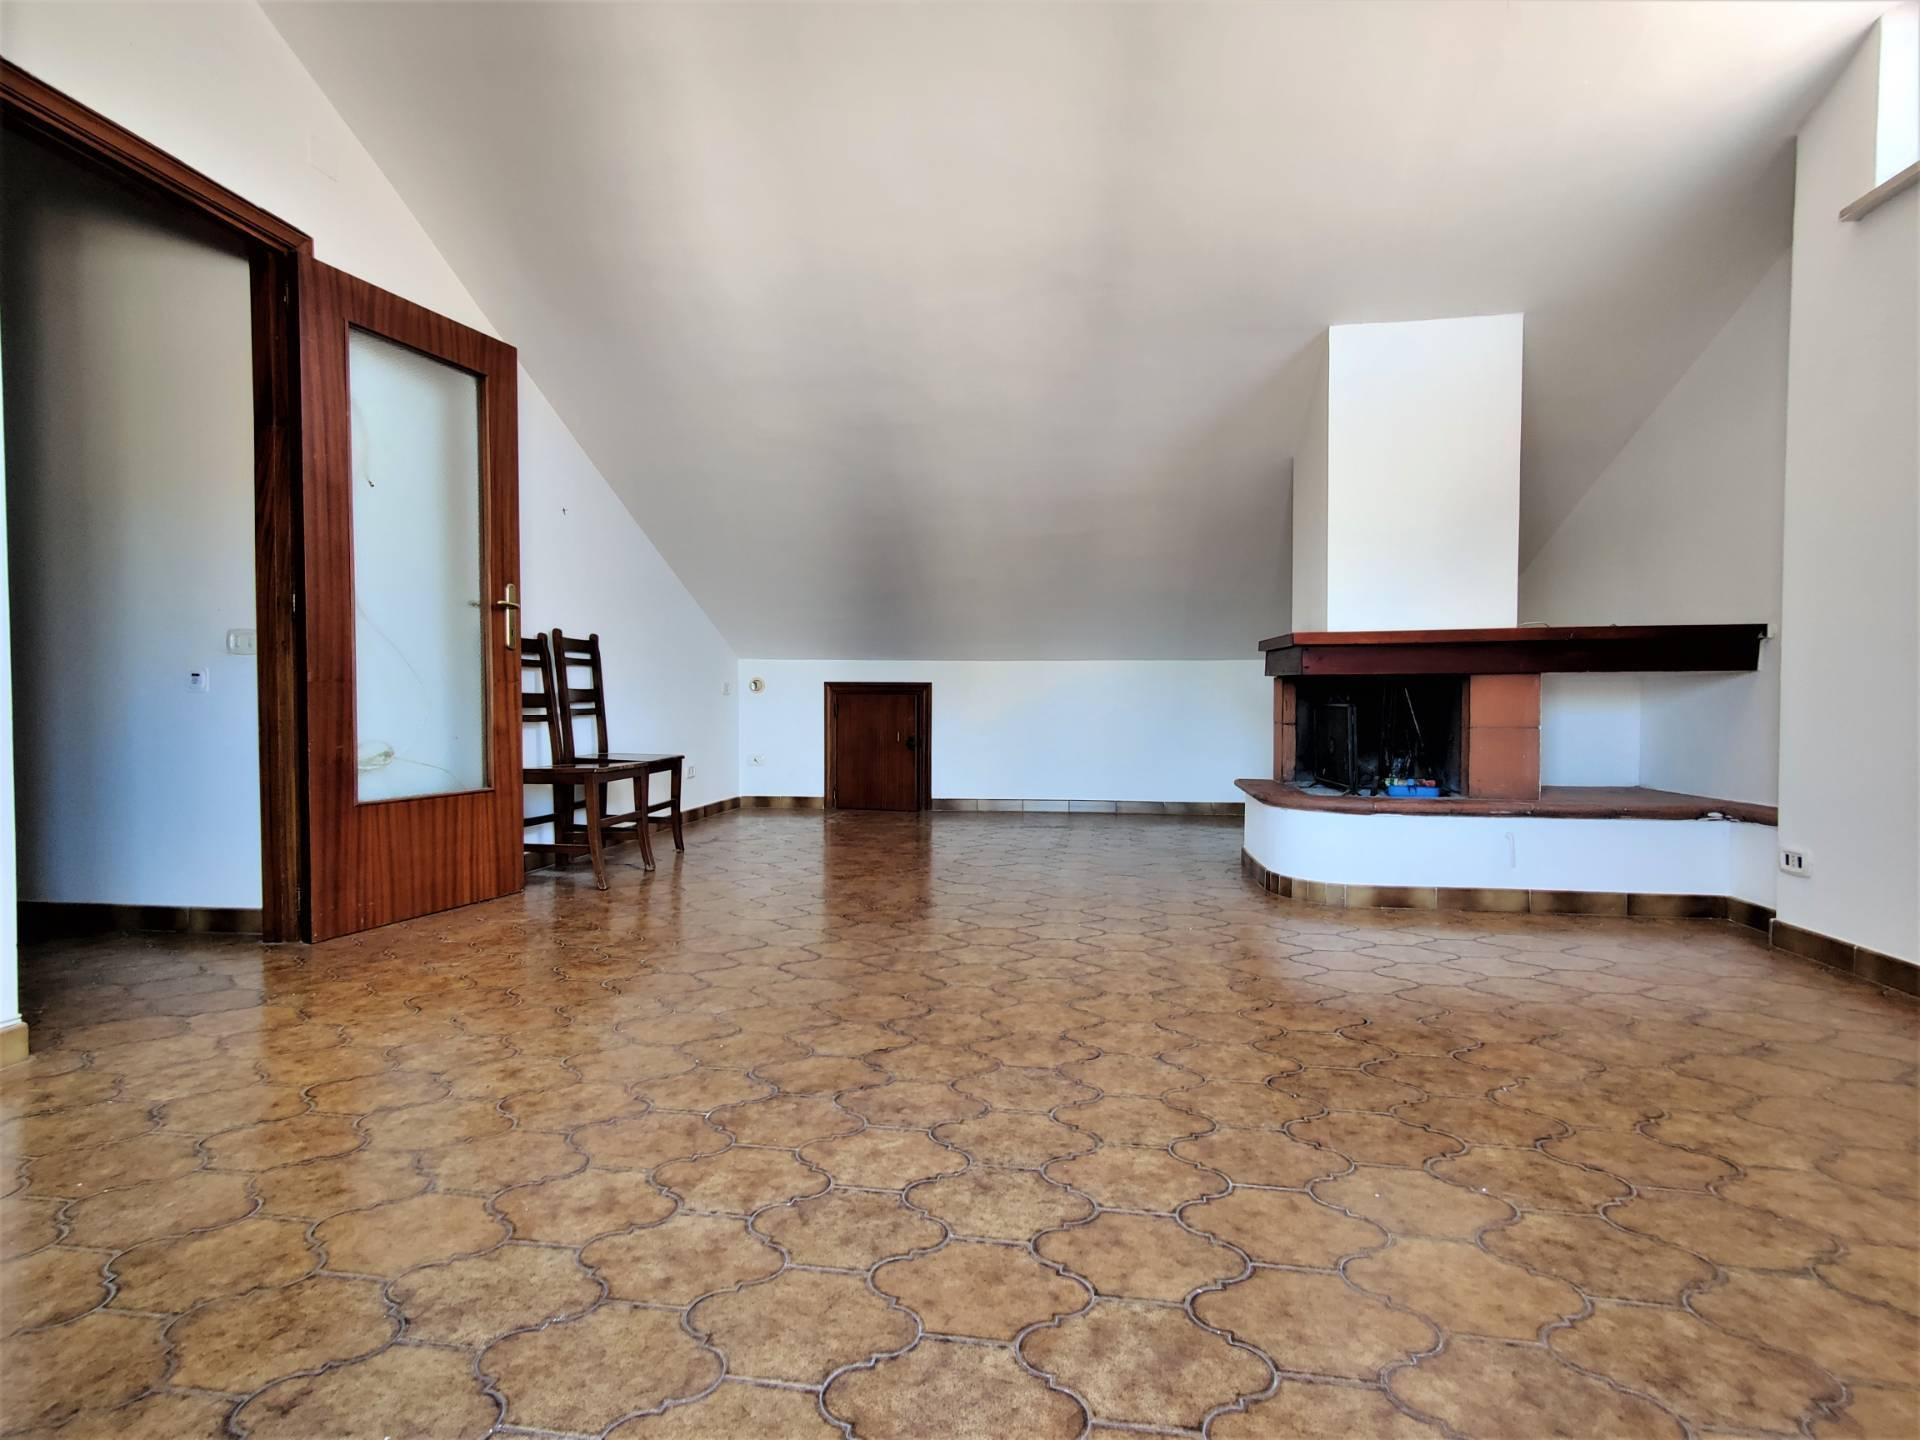 Attico / Mansarda in vendita a Teramo, 4 locali, zona centro, prezzo € 99.000 | PortaleAgenzieImmobiliari.it